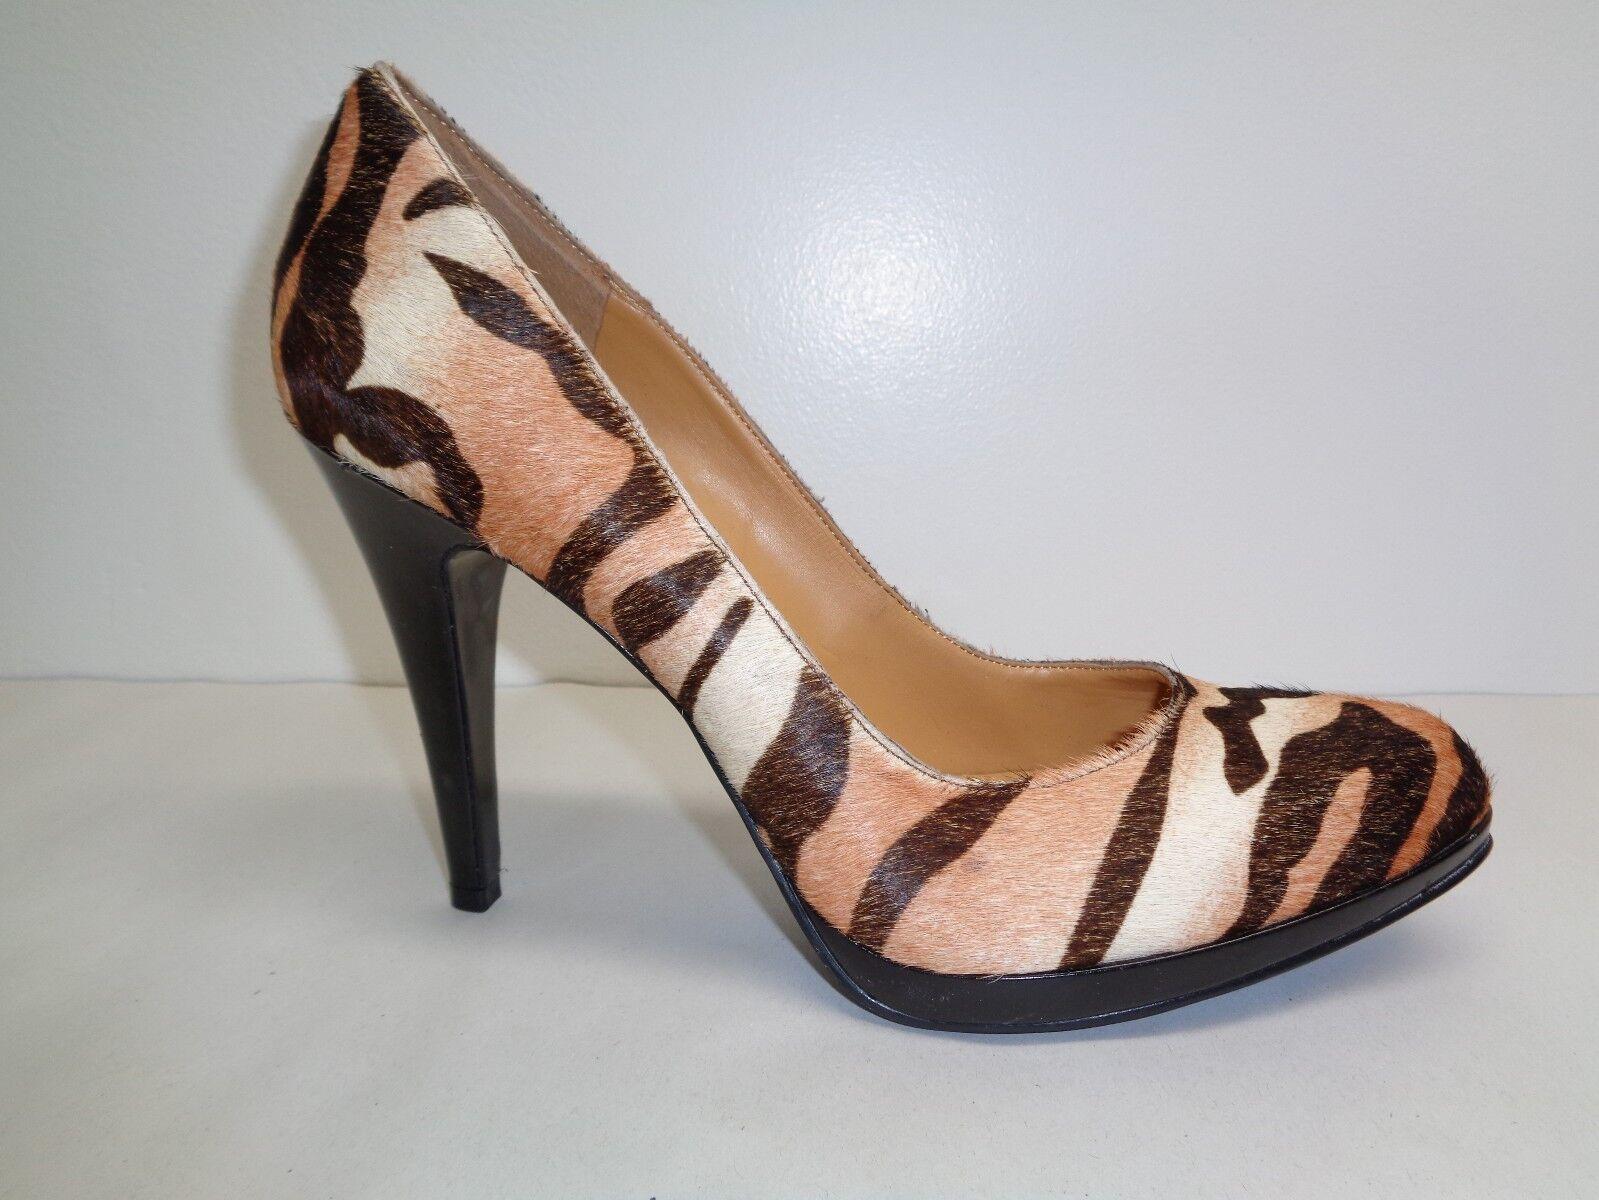 Nine West Größe 10 M ROCHA Heels Natural Leder New Damenschuhe Heels ROCHA Platform Pumps Schuhes 2a27b9